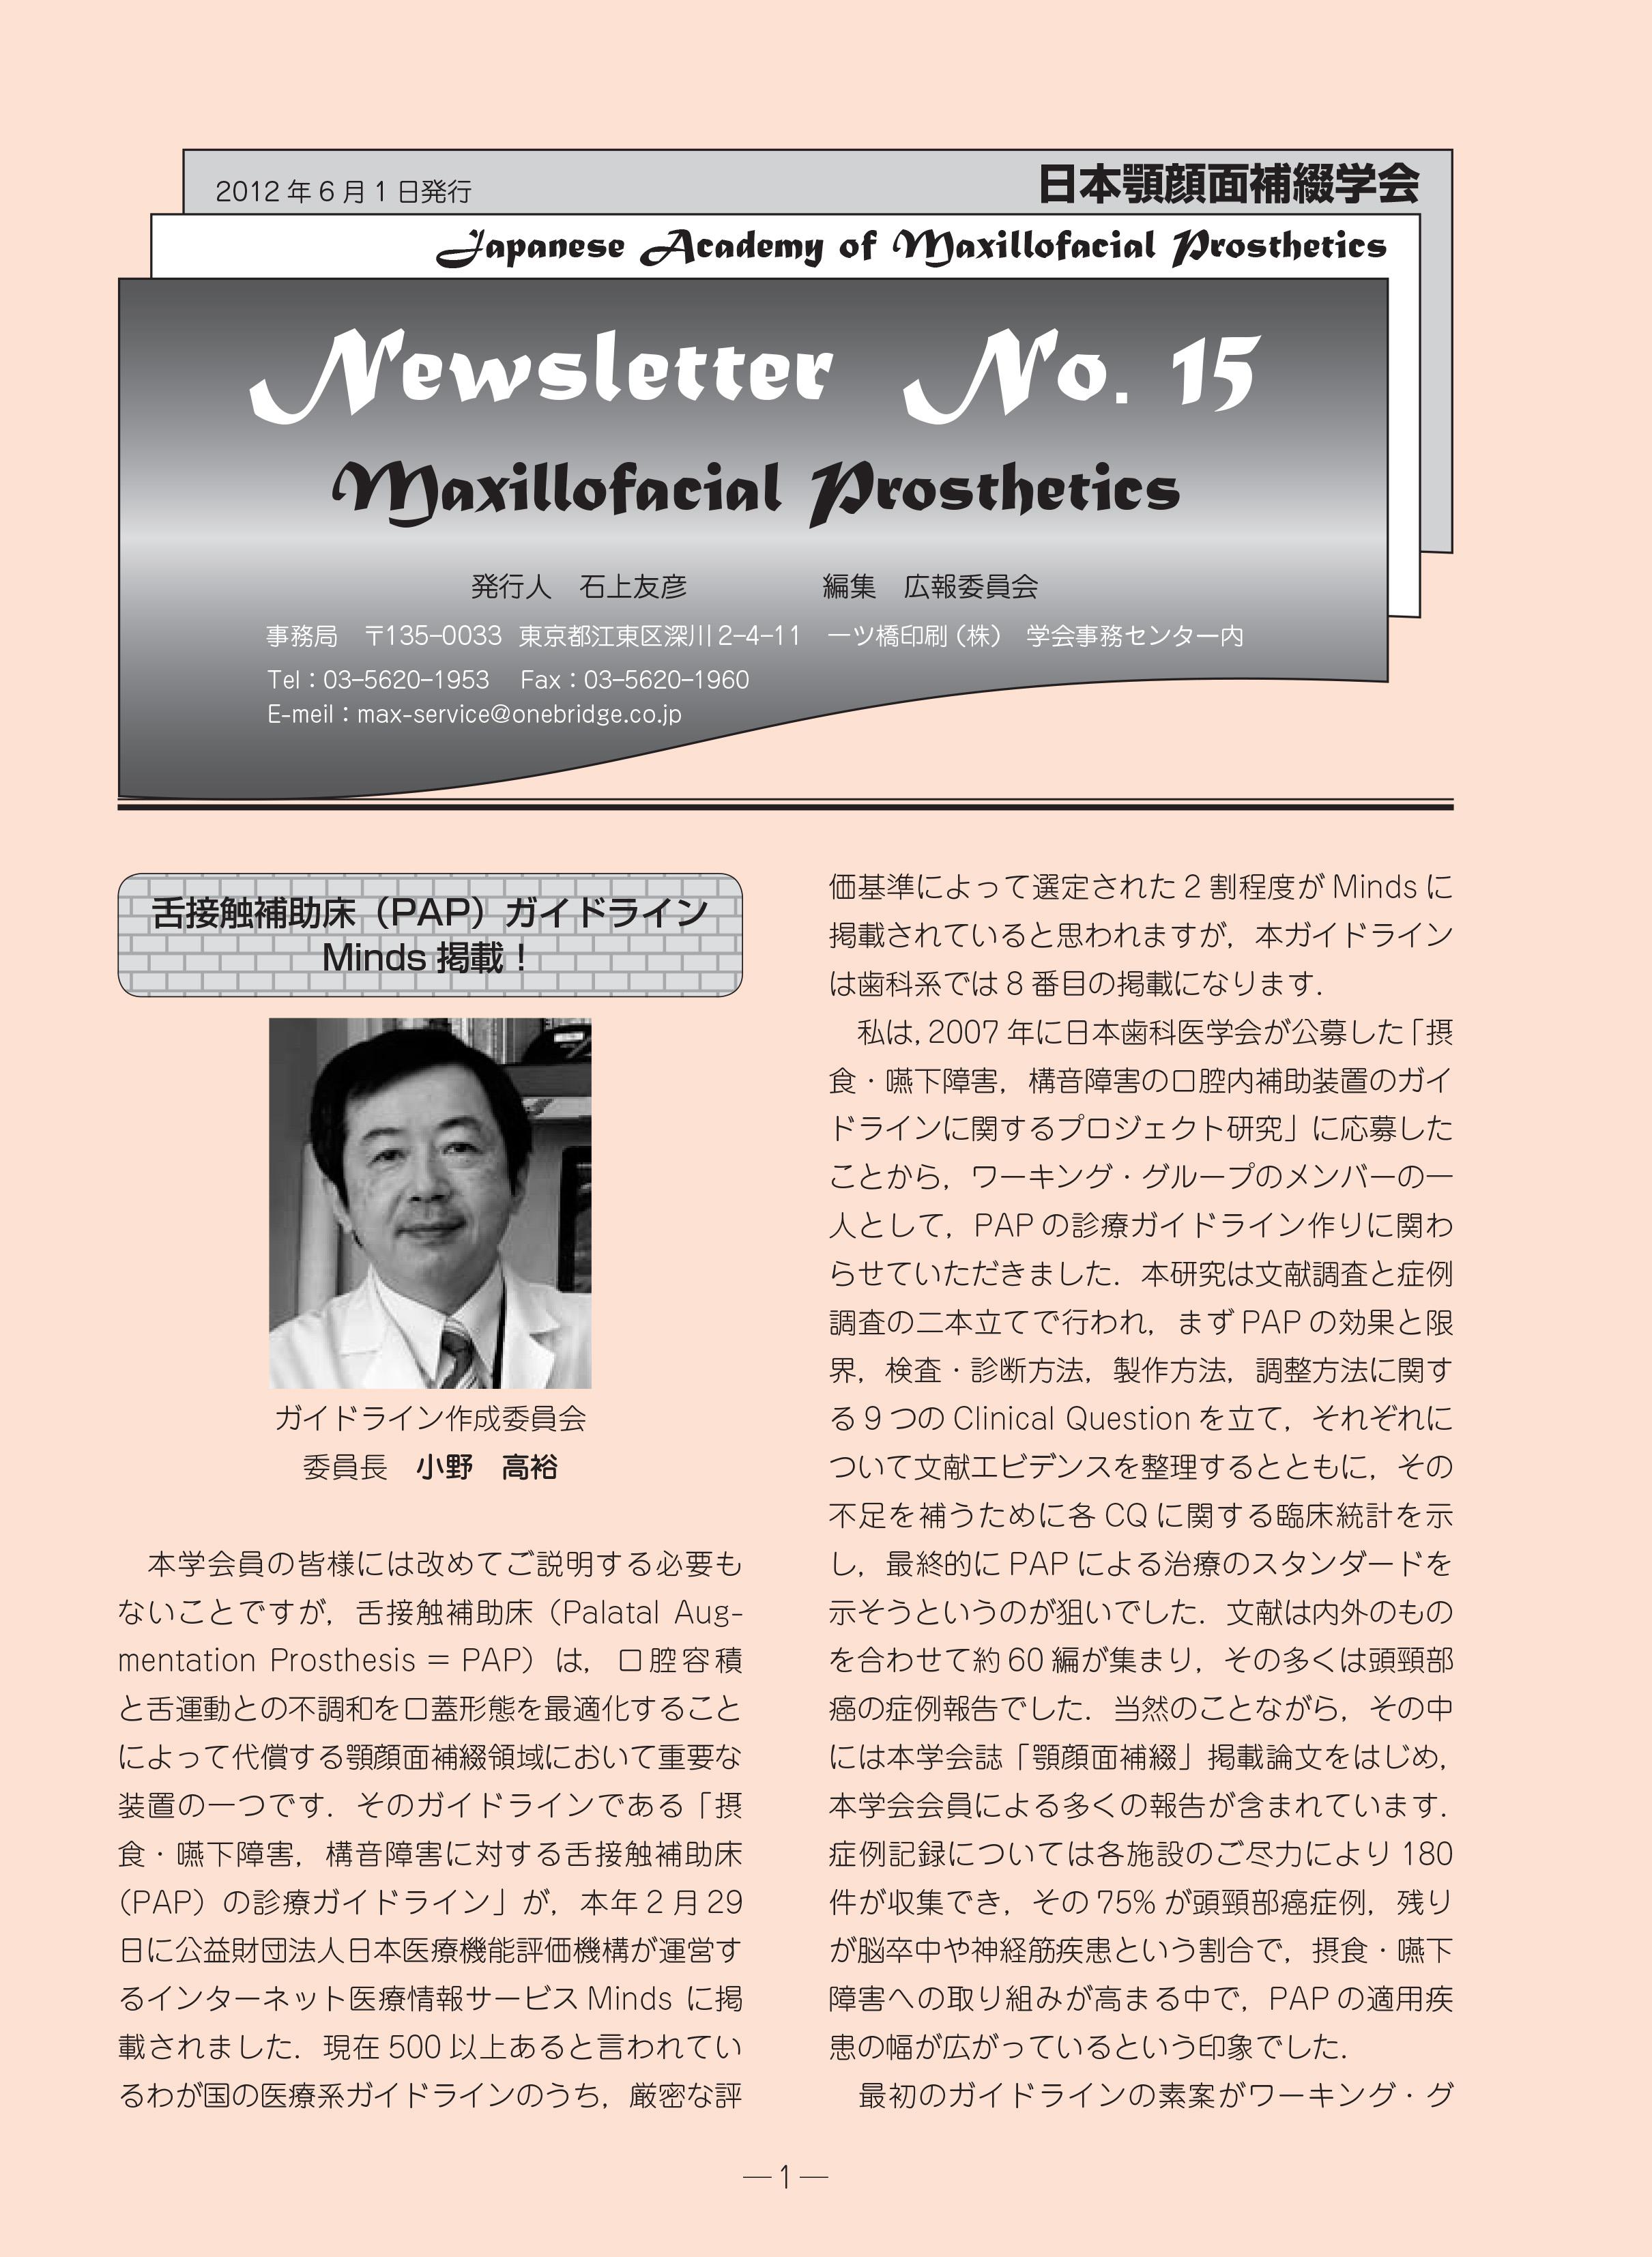 ニュースレター No.15